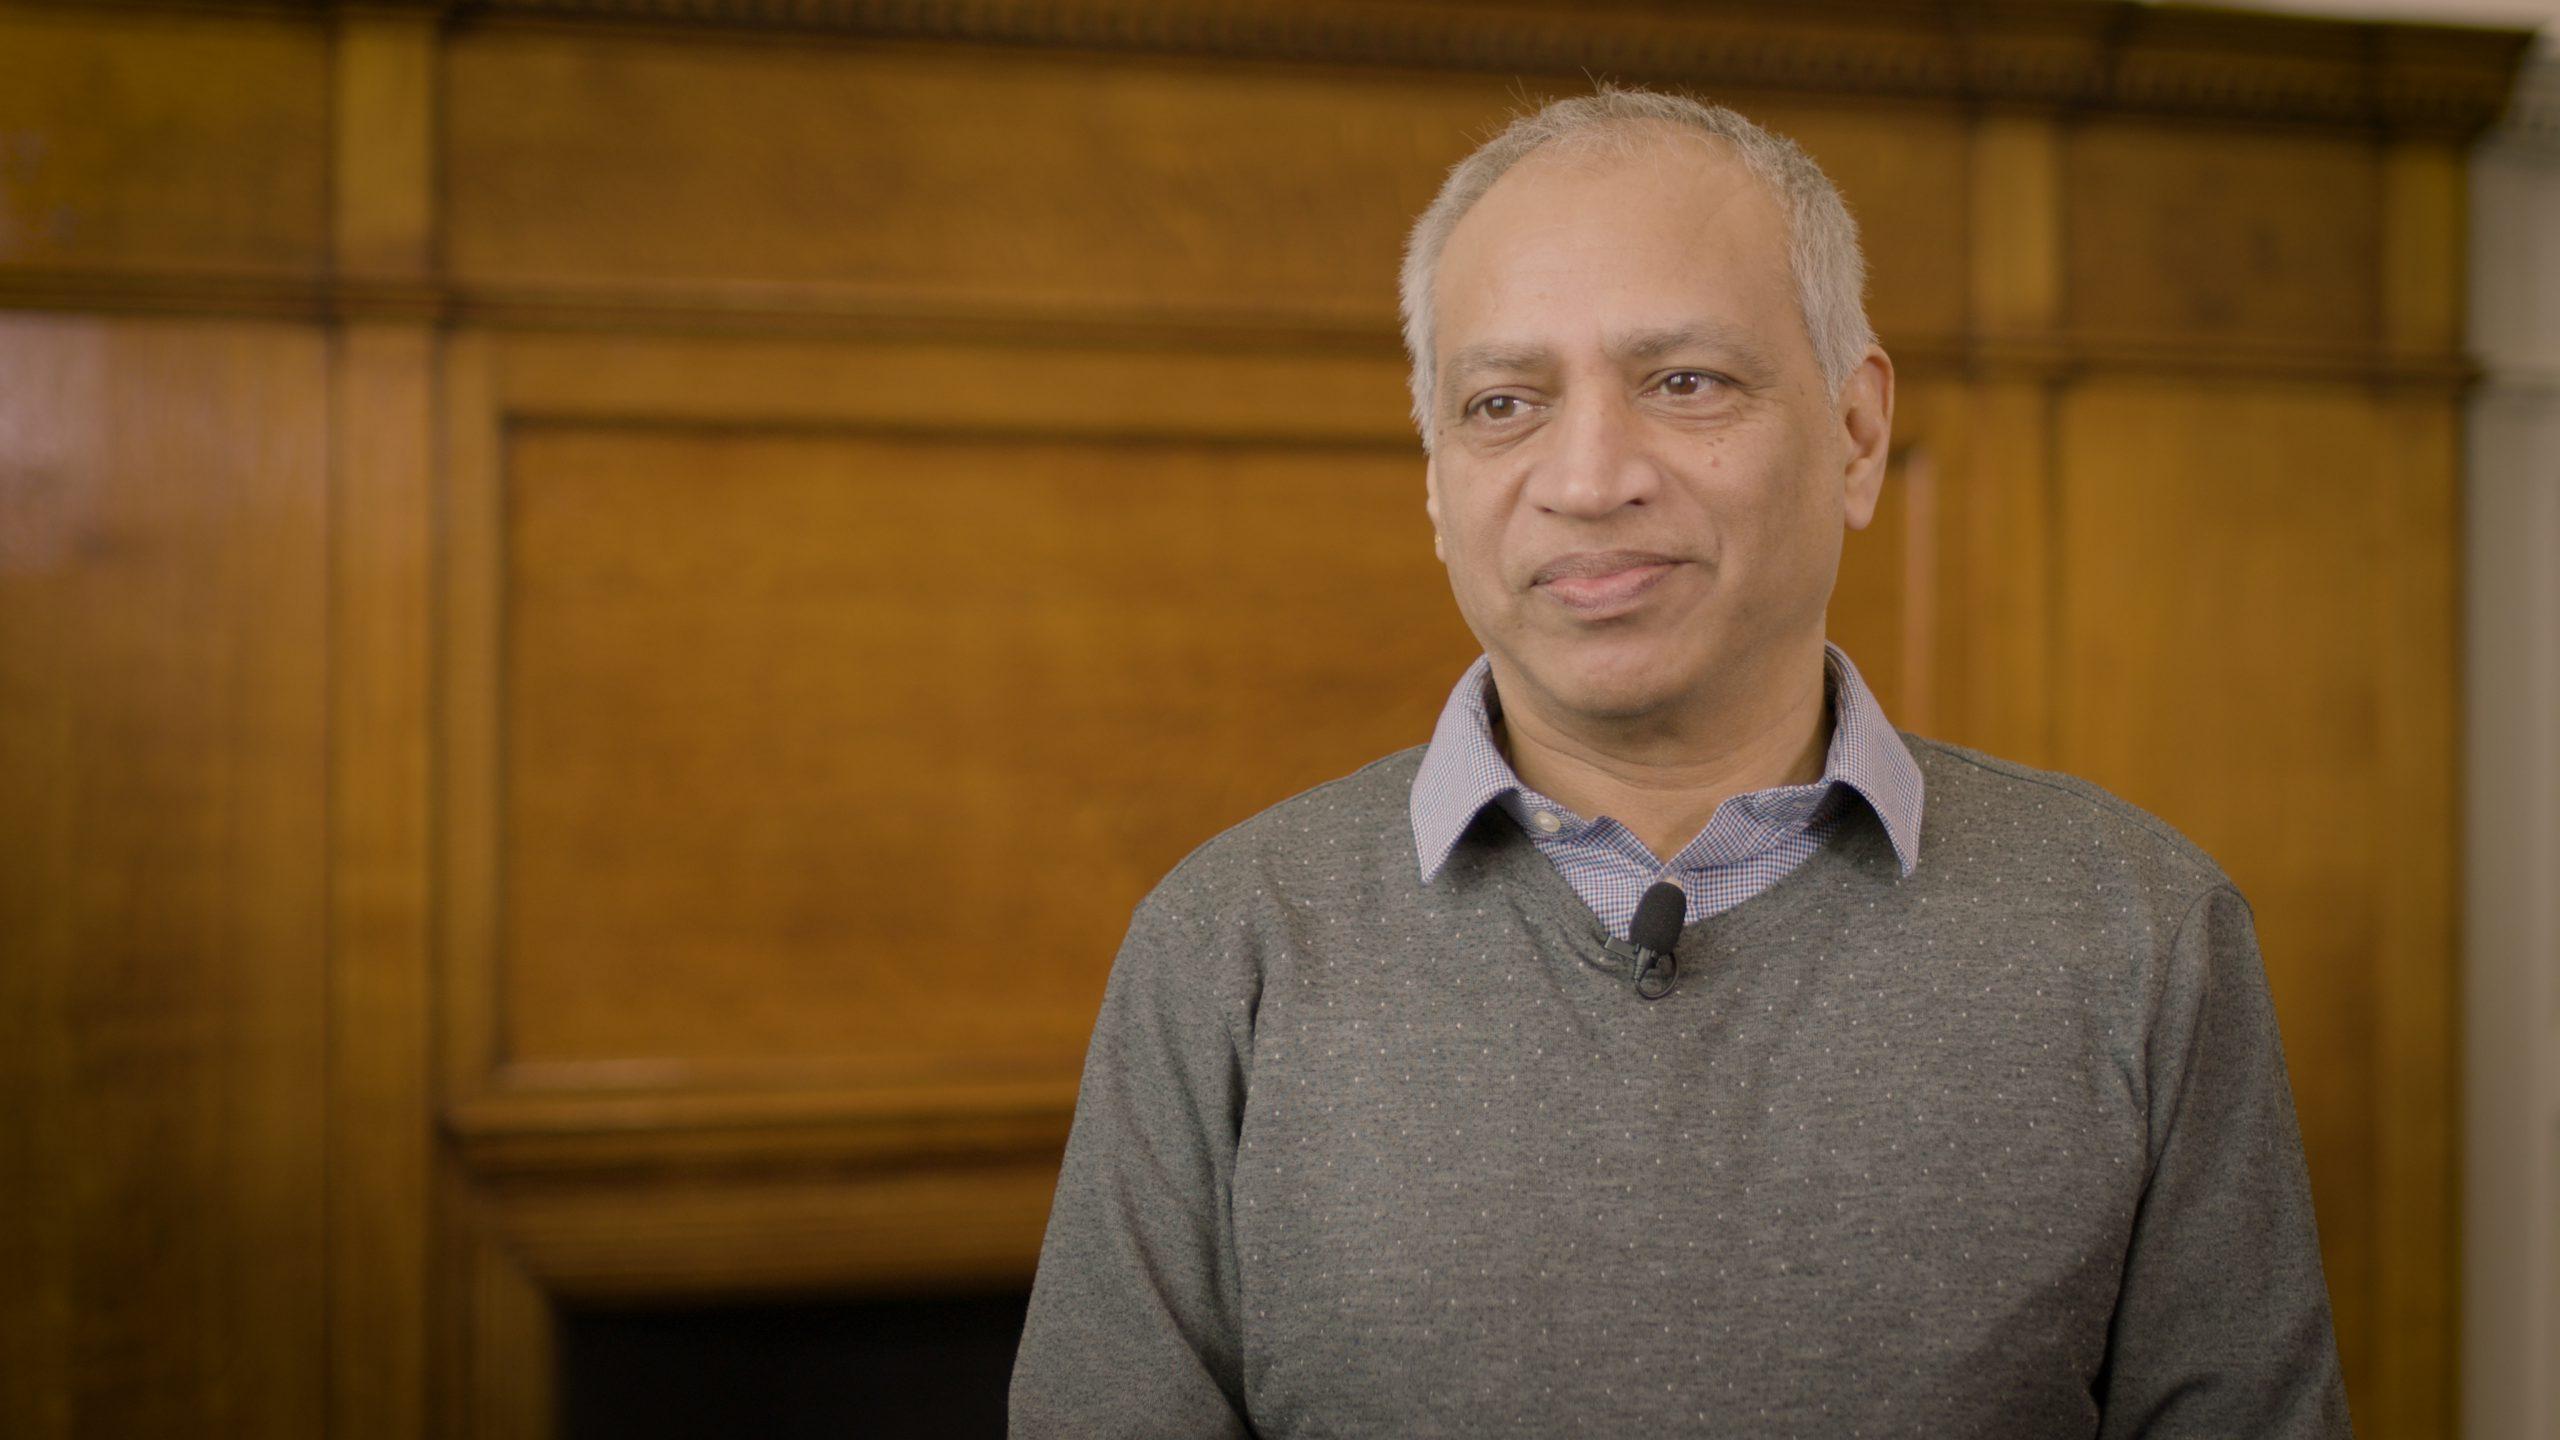 Ansar Ahmadullah